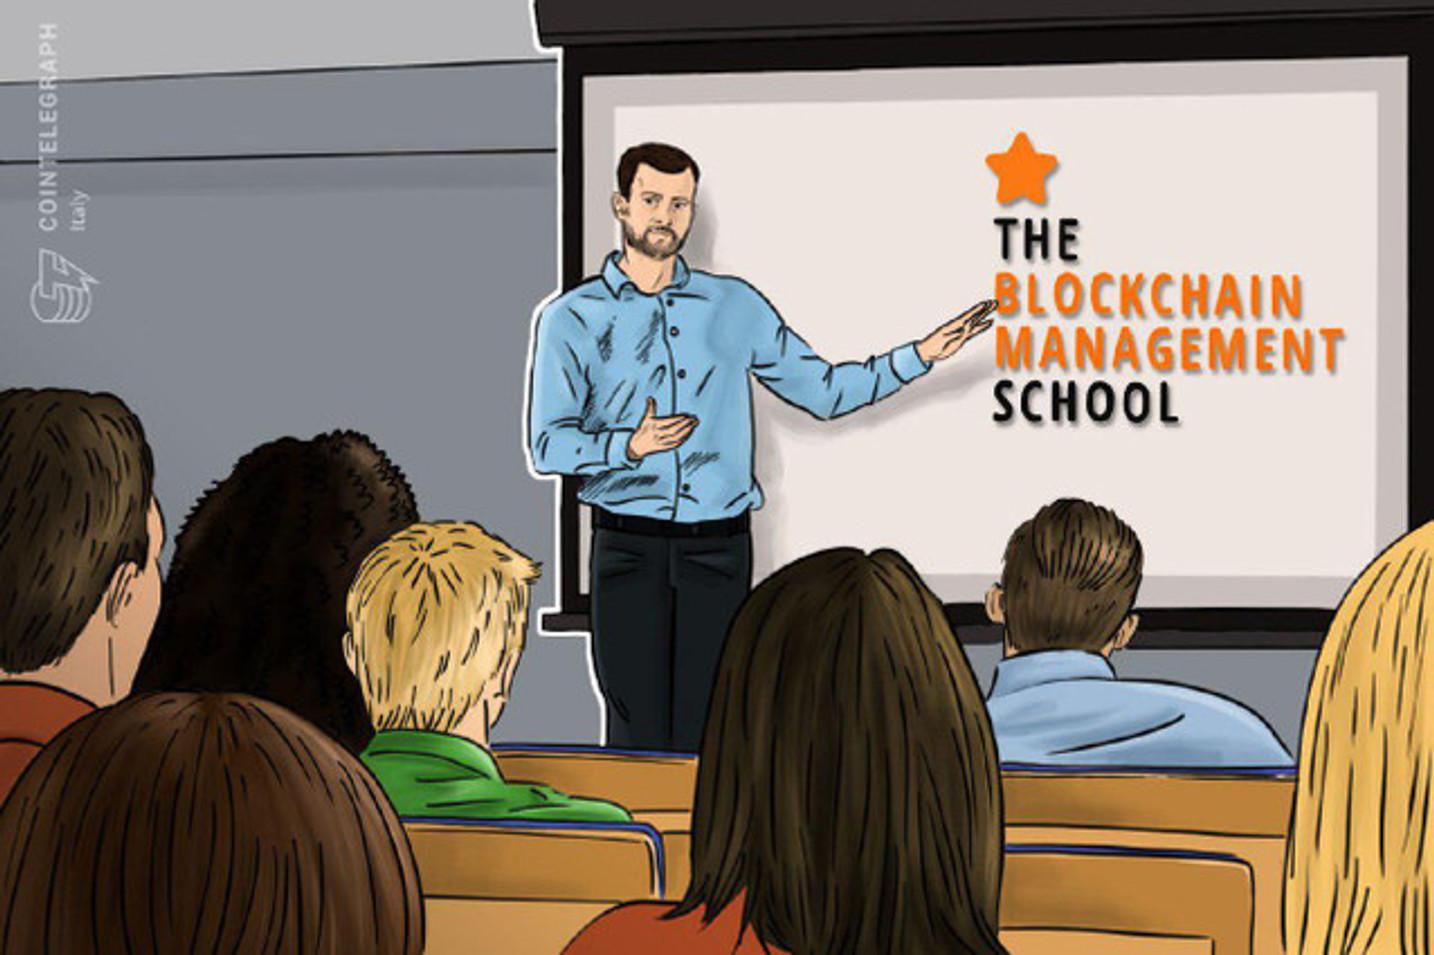 Il tuo Futuro inizia oggi: candidature aperte per le iscrizioni alla 6° Edizione del Master Lab in Blockchain Technology & Management